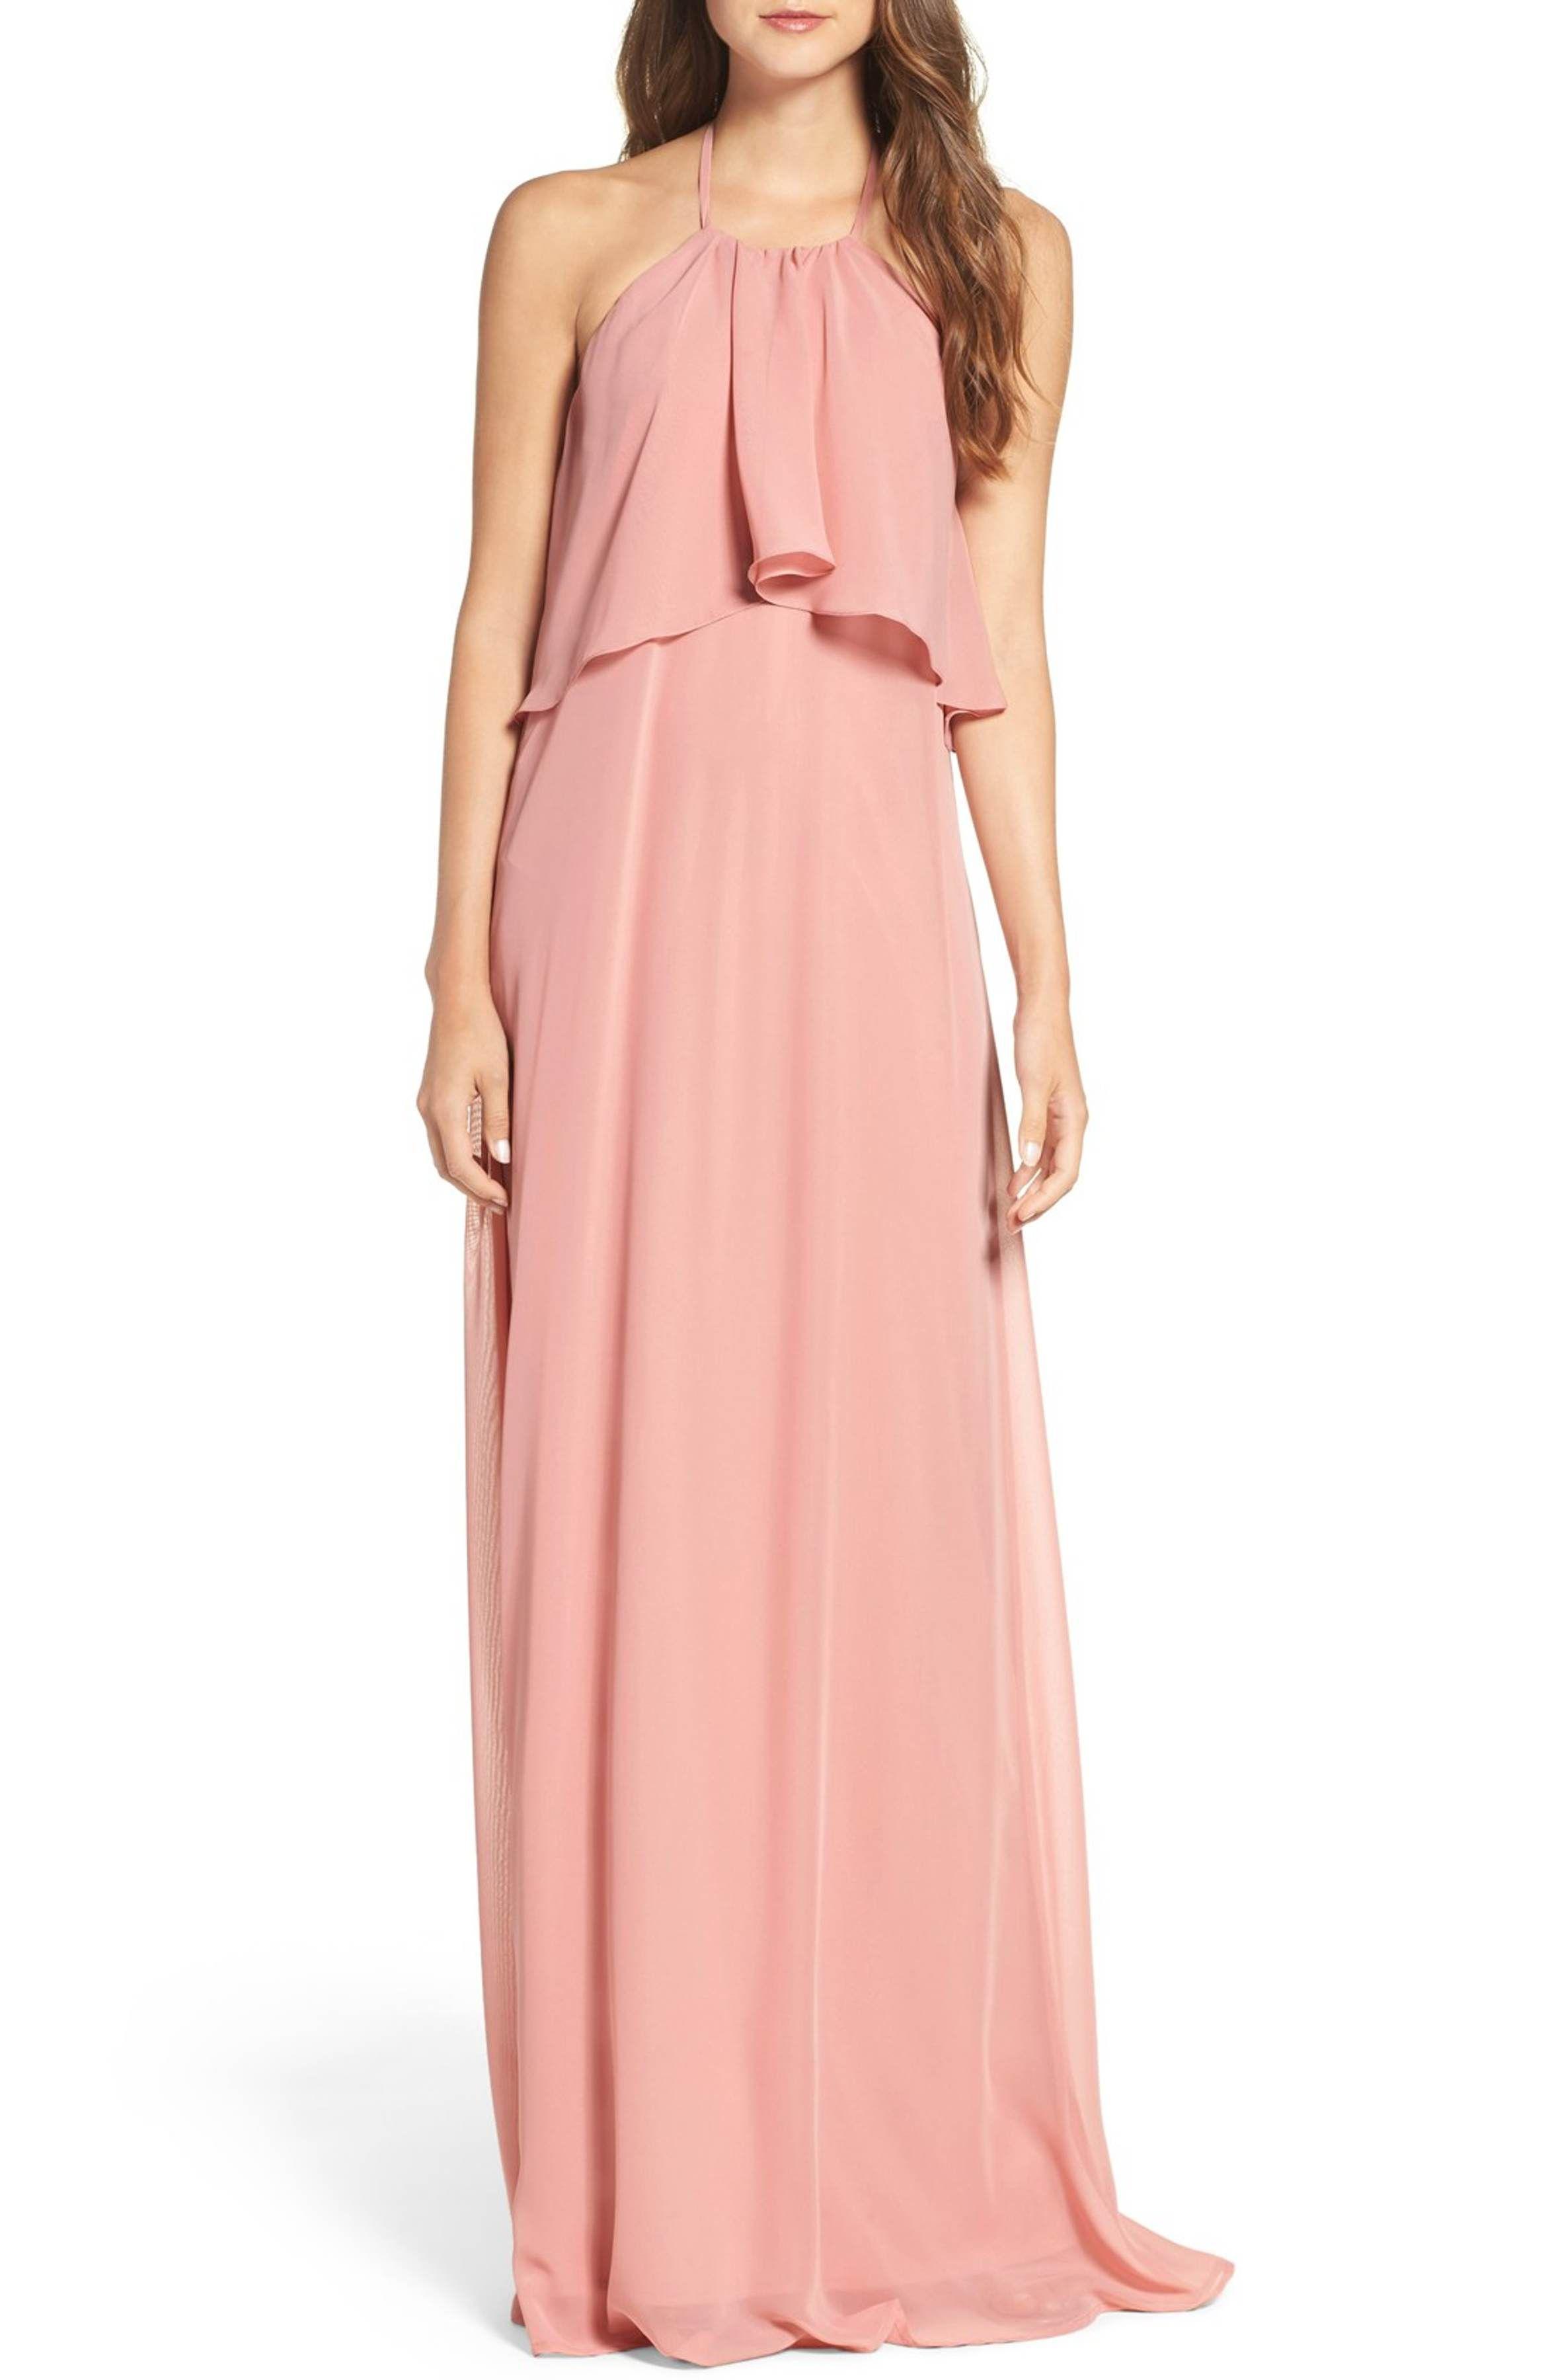 Main Image - nouvelle AMSALE \'Cait\' Chiffon Halter Gown | Want ...